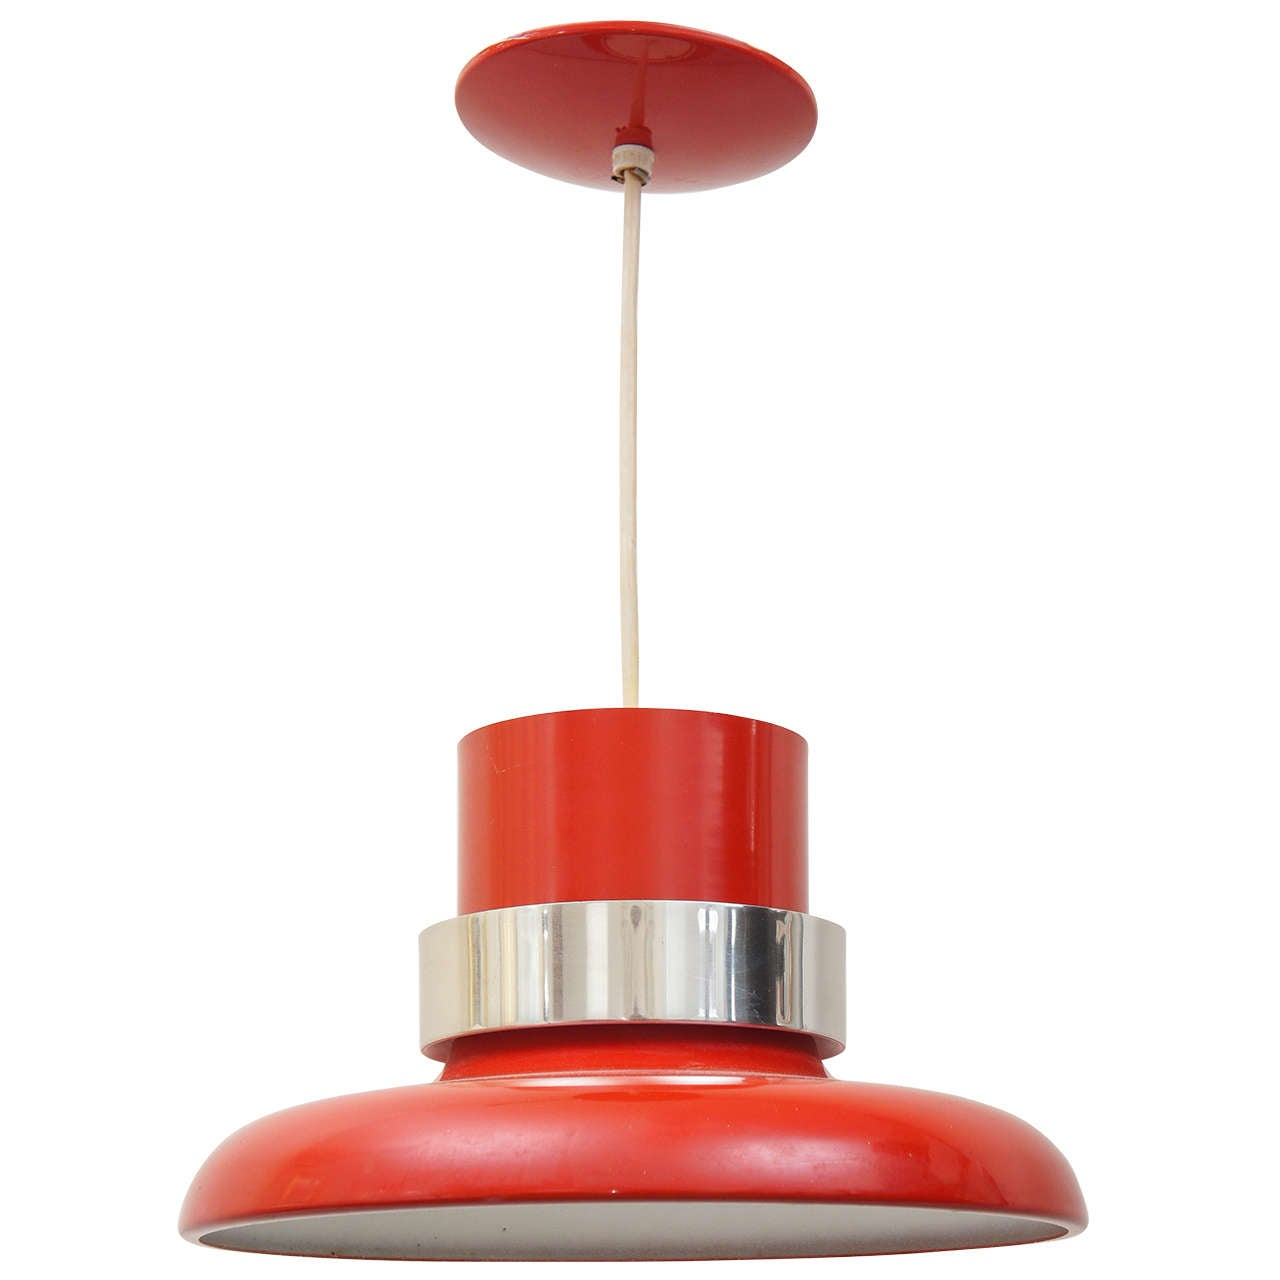 Lightolier Ring Chandelier At 1stdibs: Vintage Lightolier Pendant Light At 1stdibs